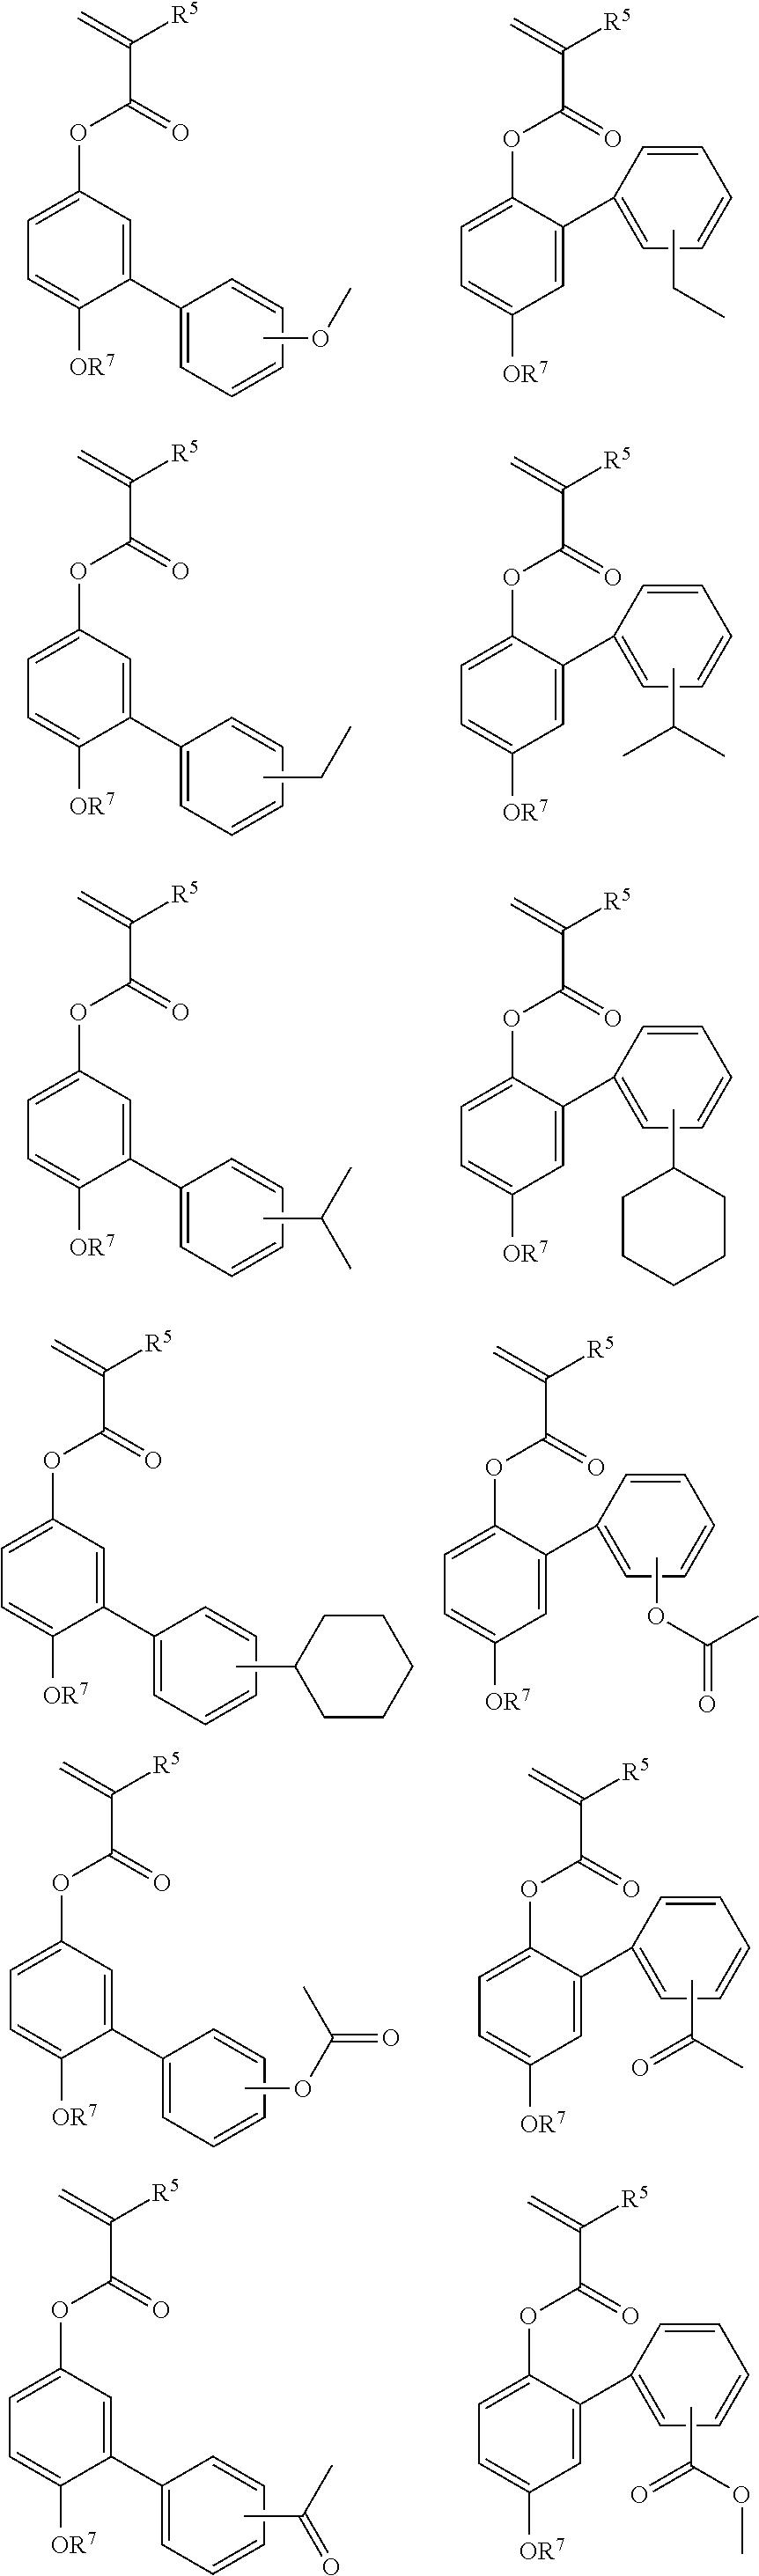 Figure US09316915-20160419-C00028